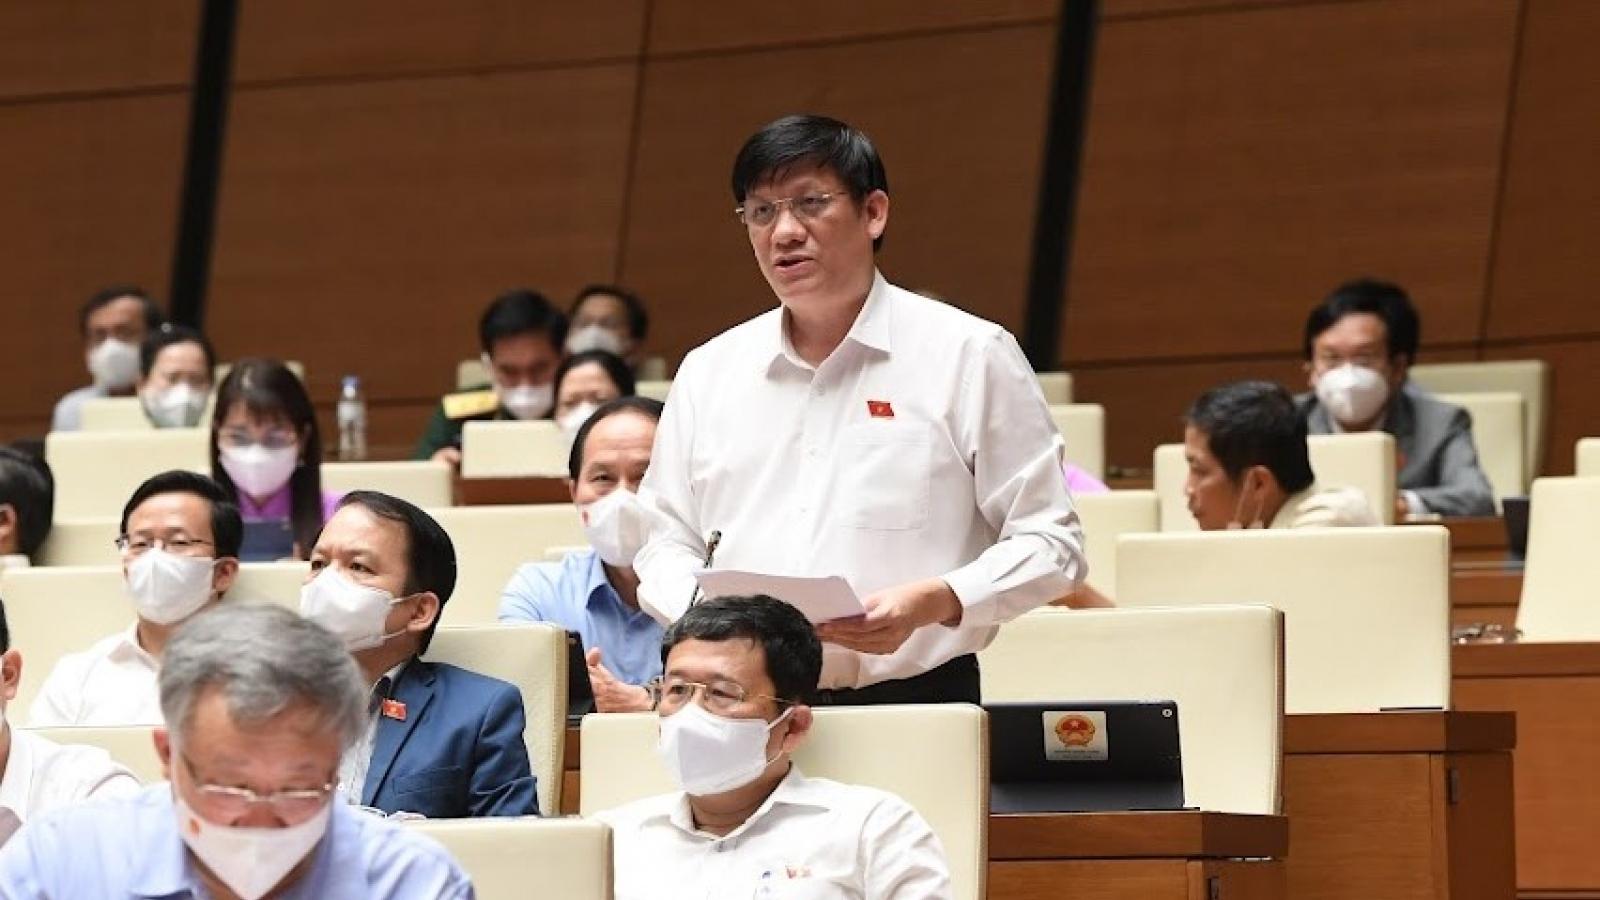 """Bộ trưởng Bộ Y tế: """"Các địa phương đang nỗ lực để kiểm soát sớm dịch Covid-19"""""""